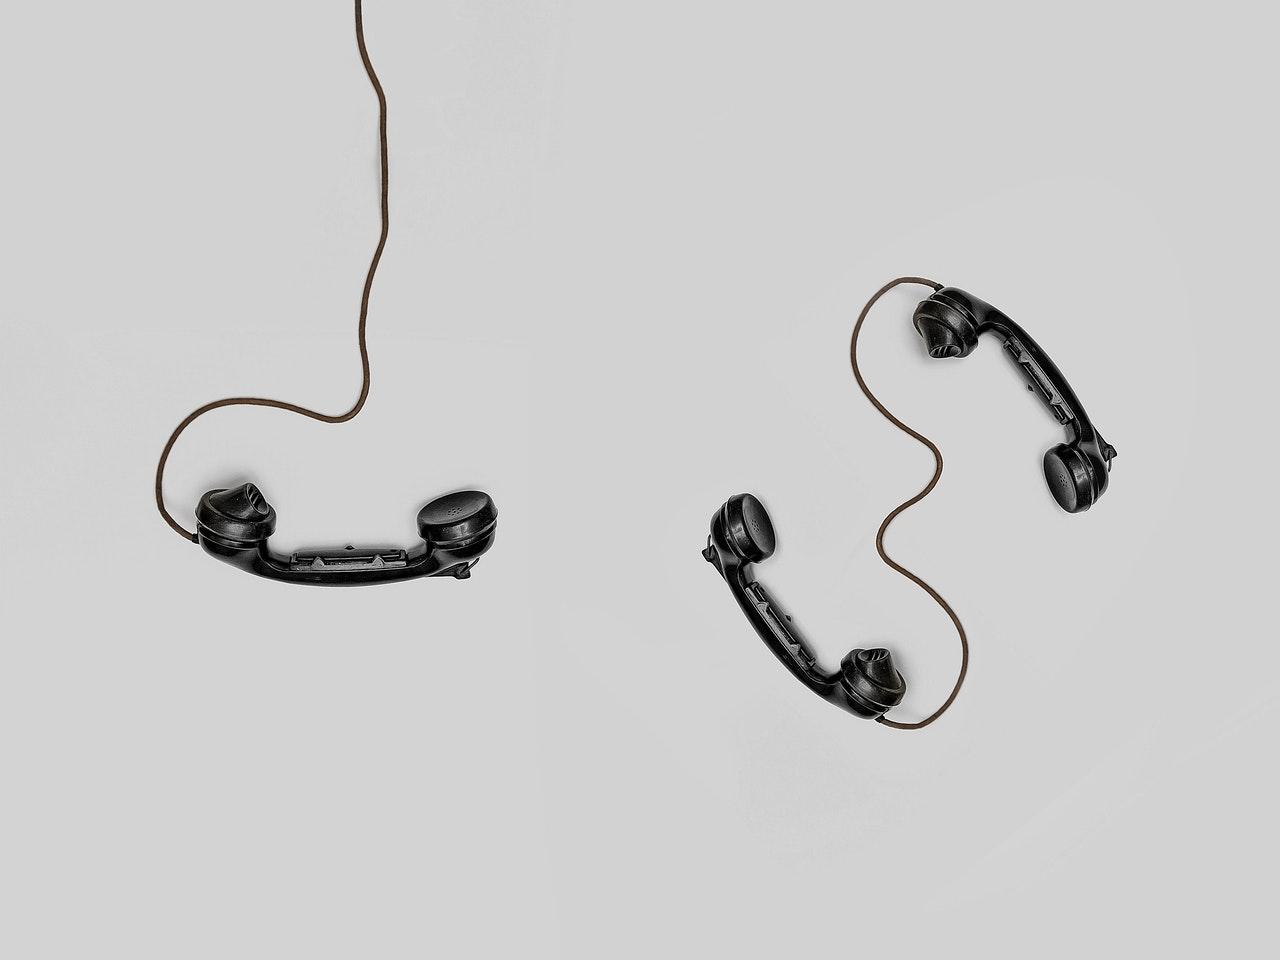 three-black-handset-toys-821754AlexAndrews